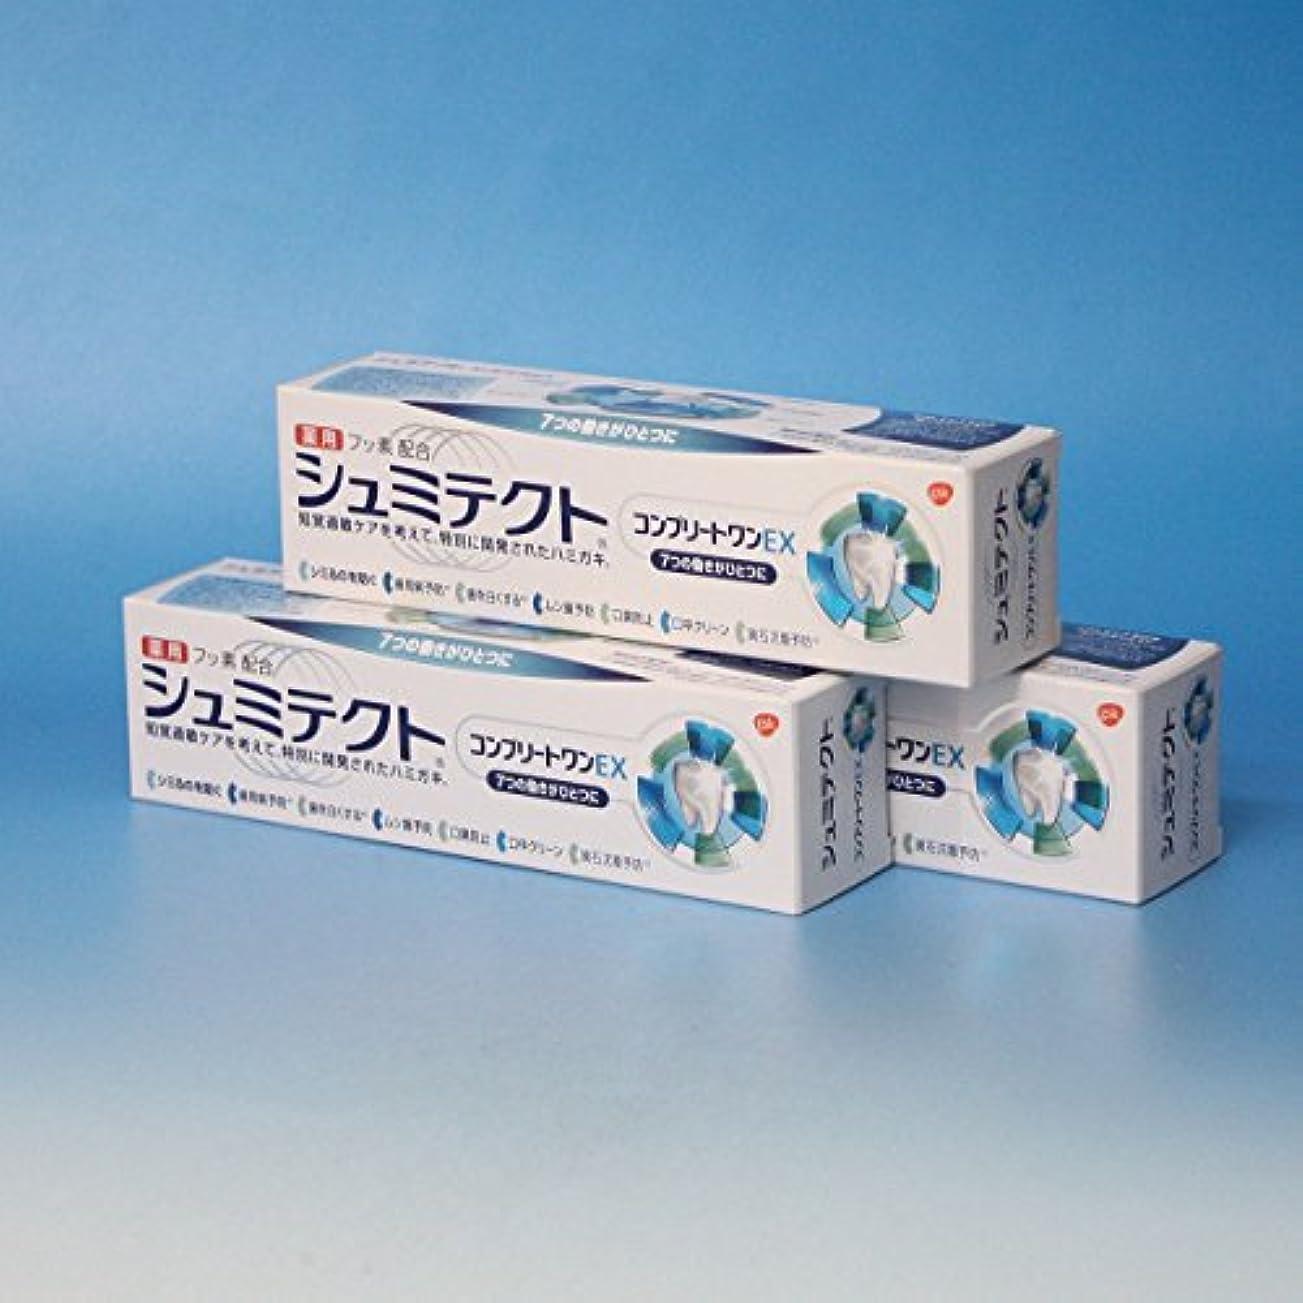 サイレンタッチビリーヤギ【アース製薬】シュミテクトコンプリートワンEX 90g ×3個セット